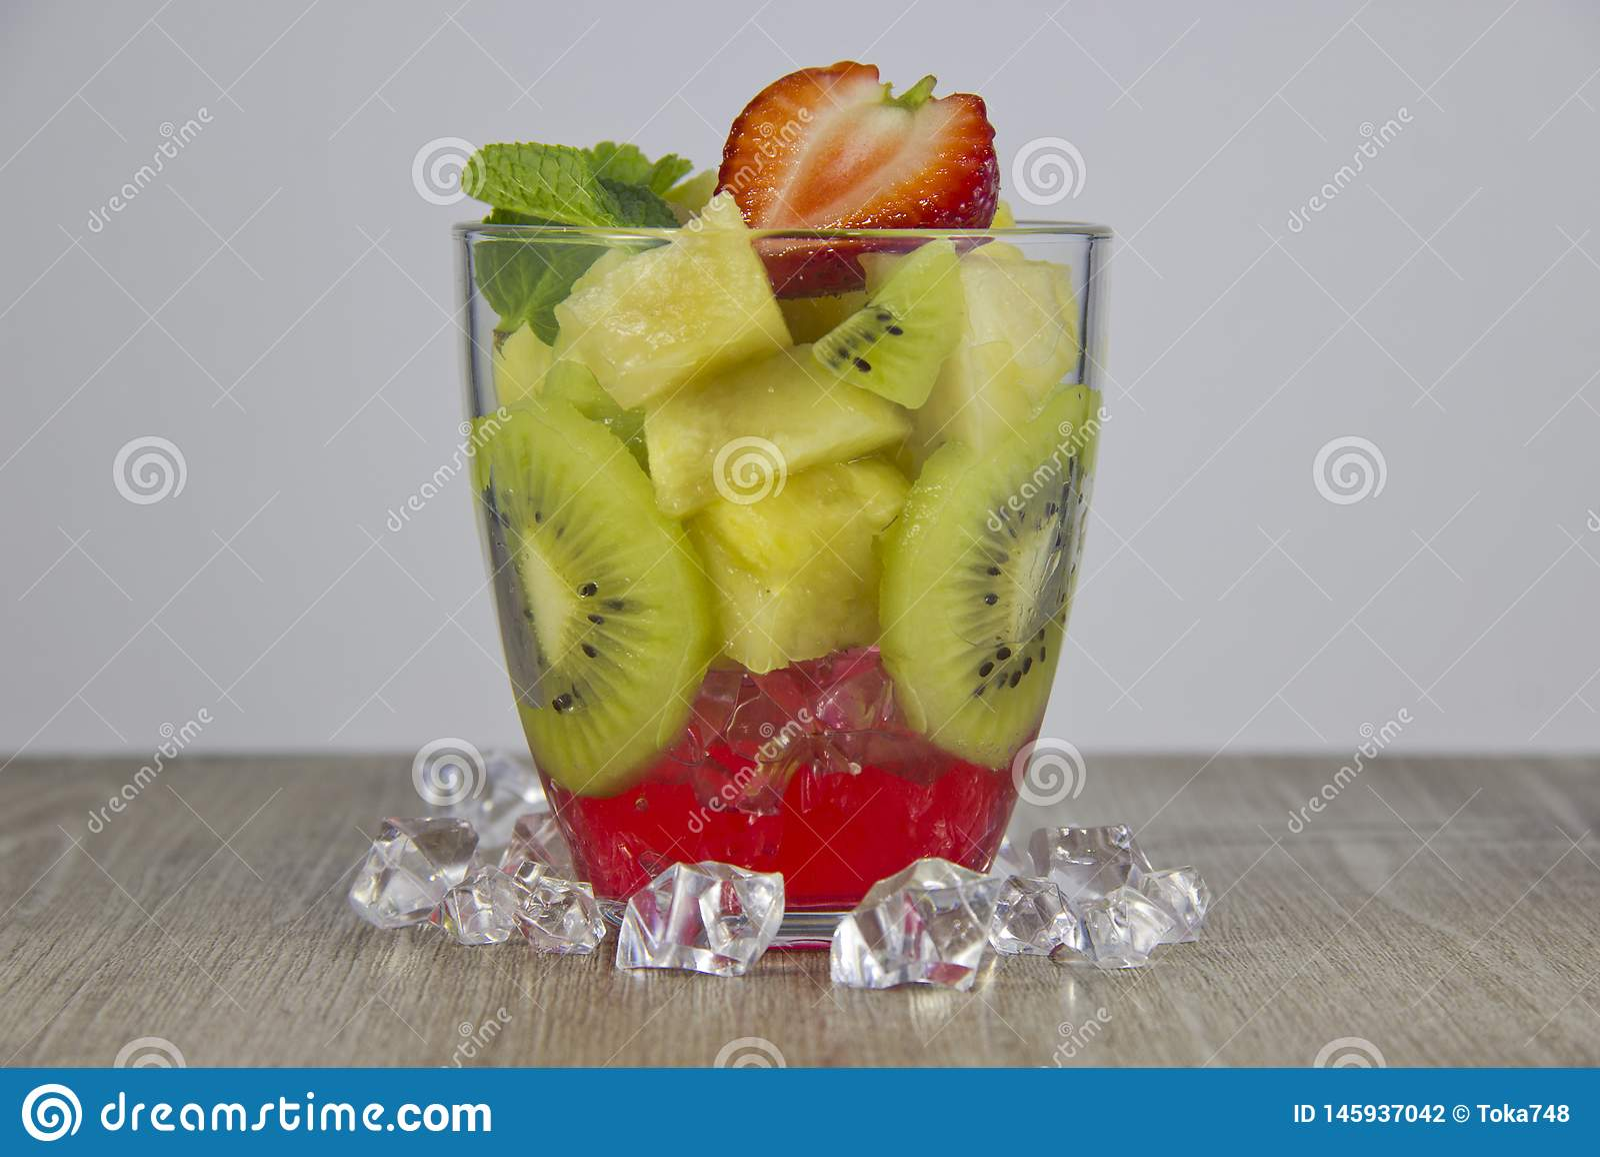 Смешивание свежих фруктов и ягод